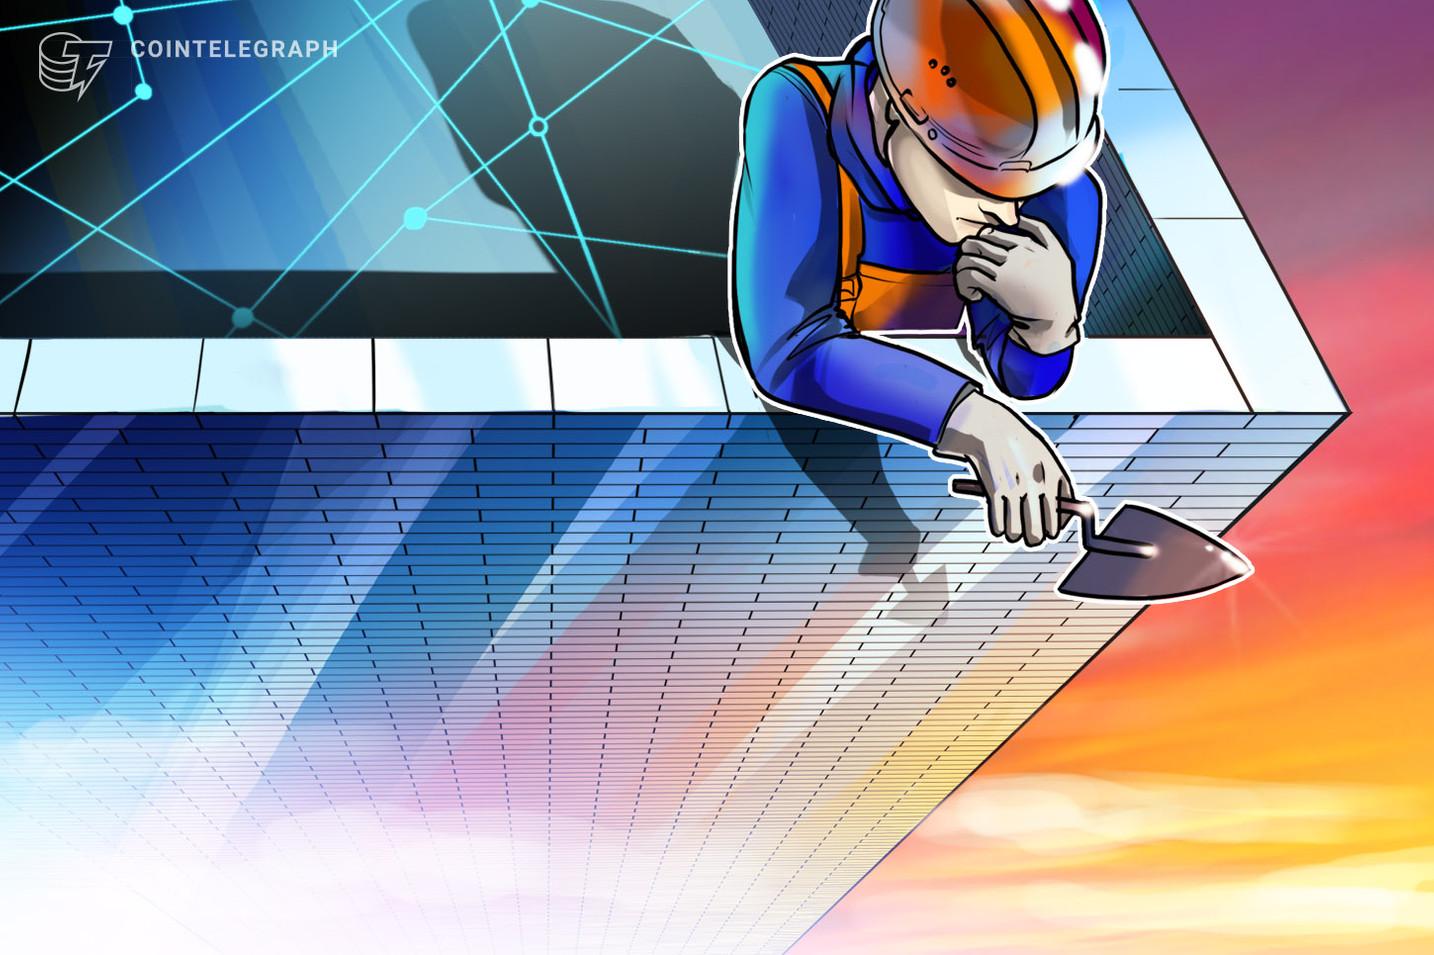 La Duma rusa quiere regular la minería de criptomonedas como negocio